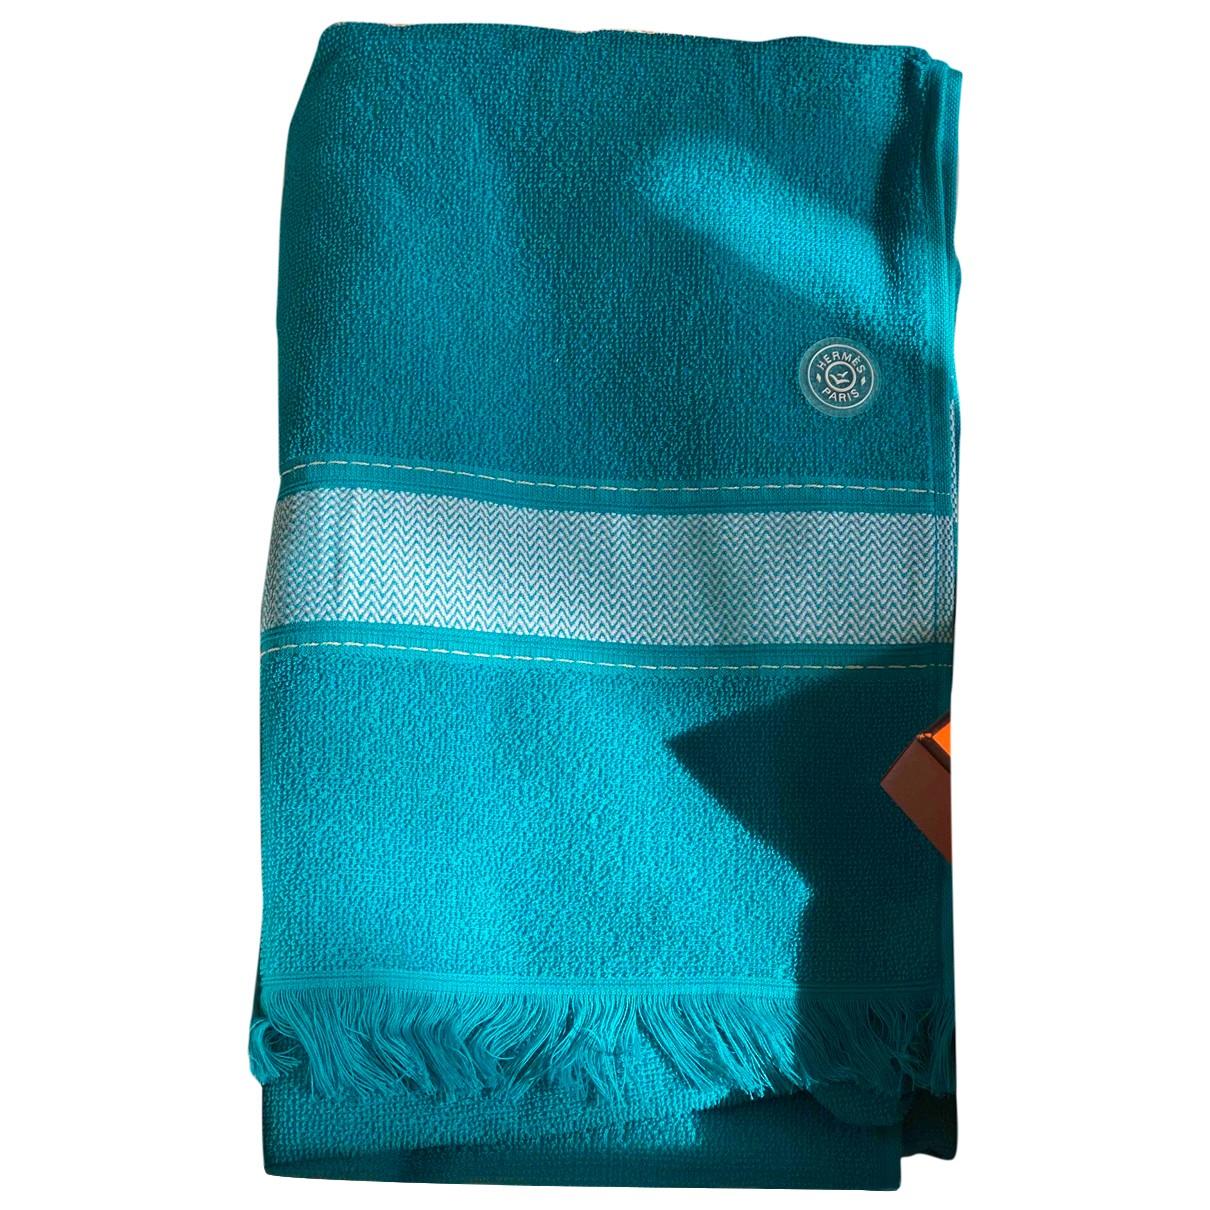 Hermes - Linge de maison   pour lifestyle en coton - turquoise